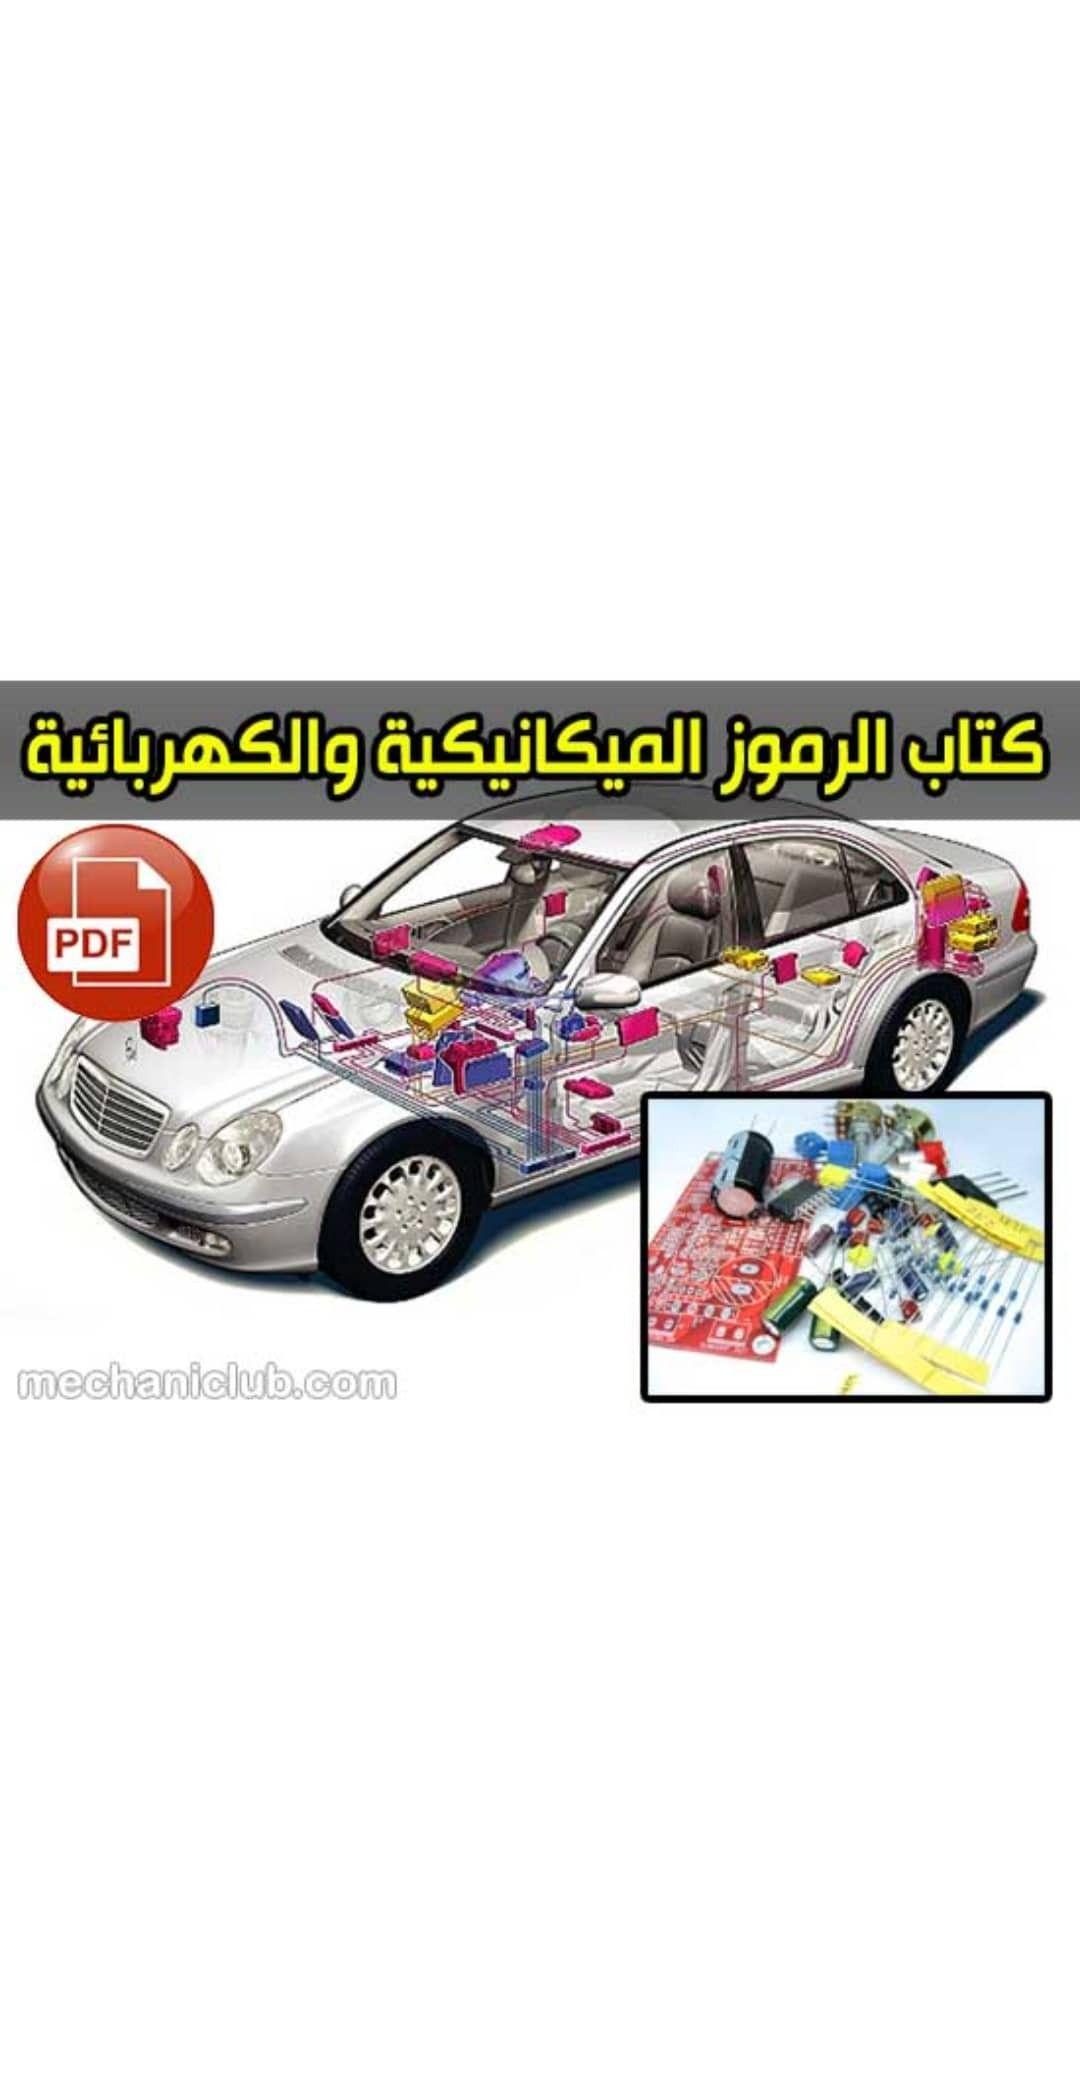 تحميل كتاب أهم الرموز الميكانيكية والكهربائية Pdf Toy Car Toys Car